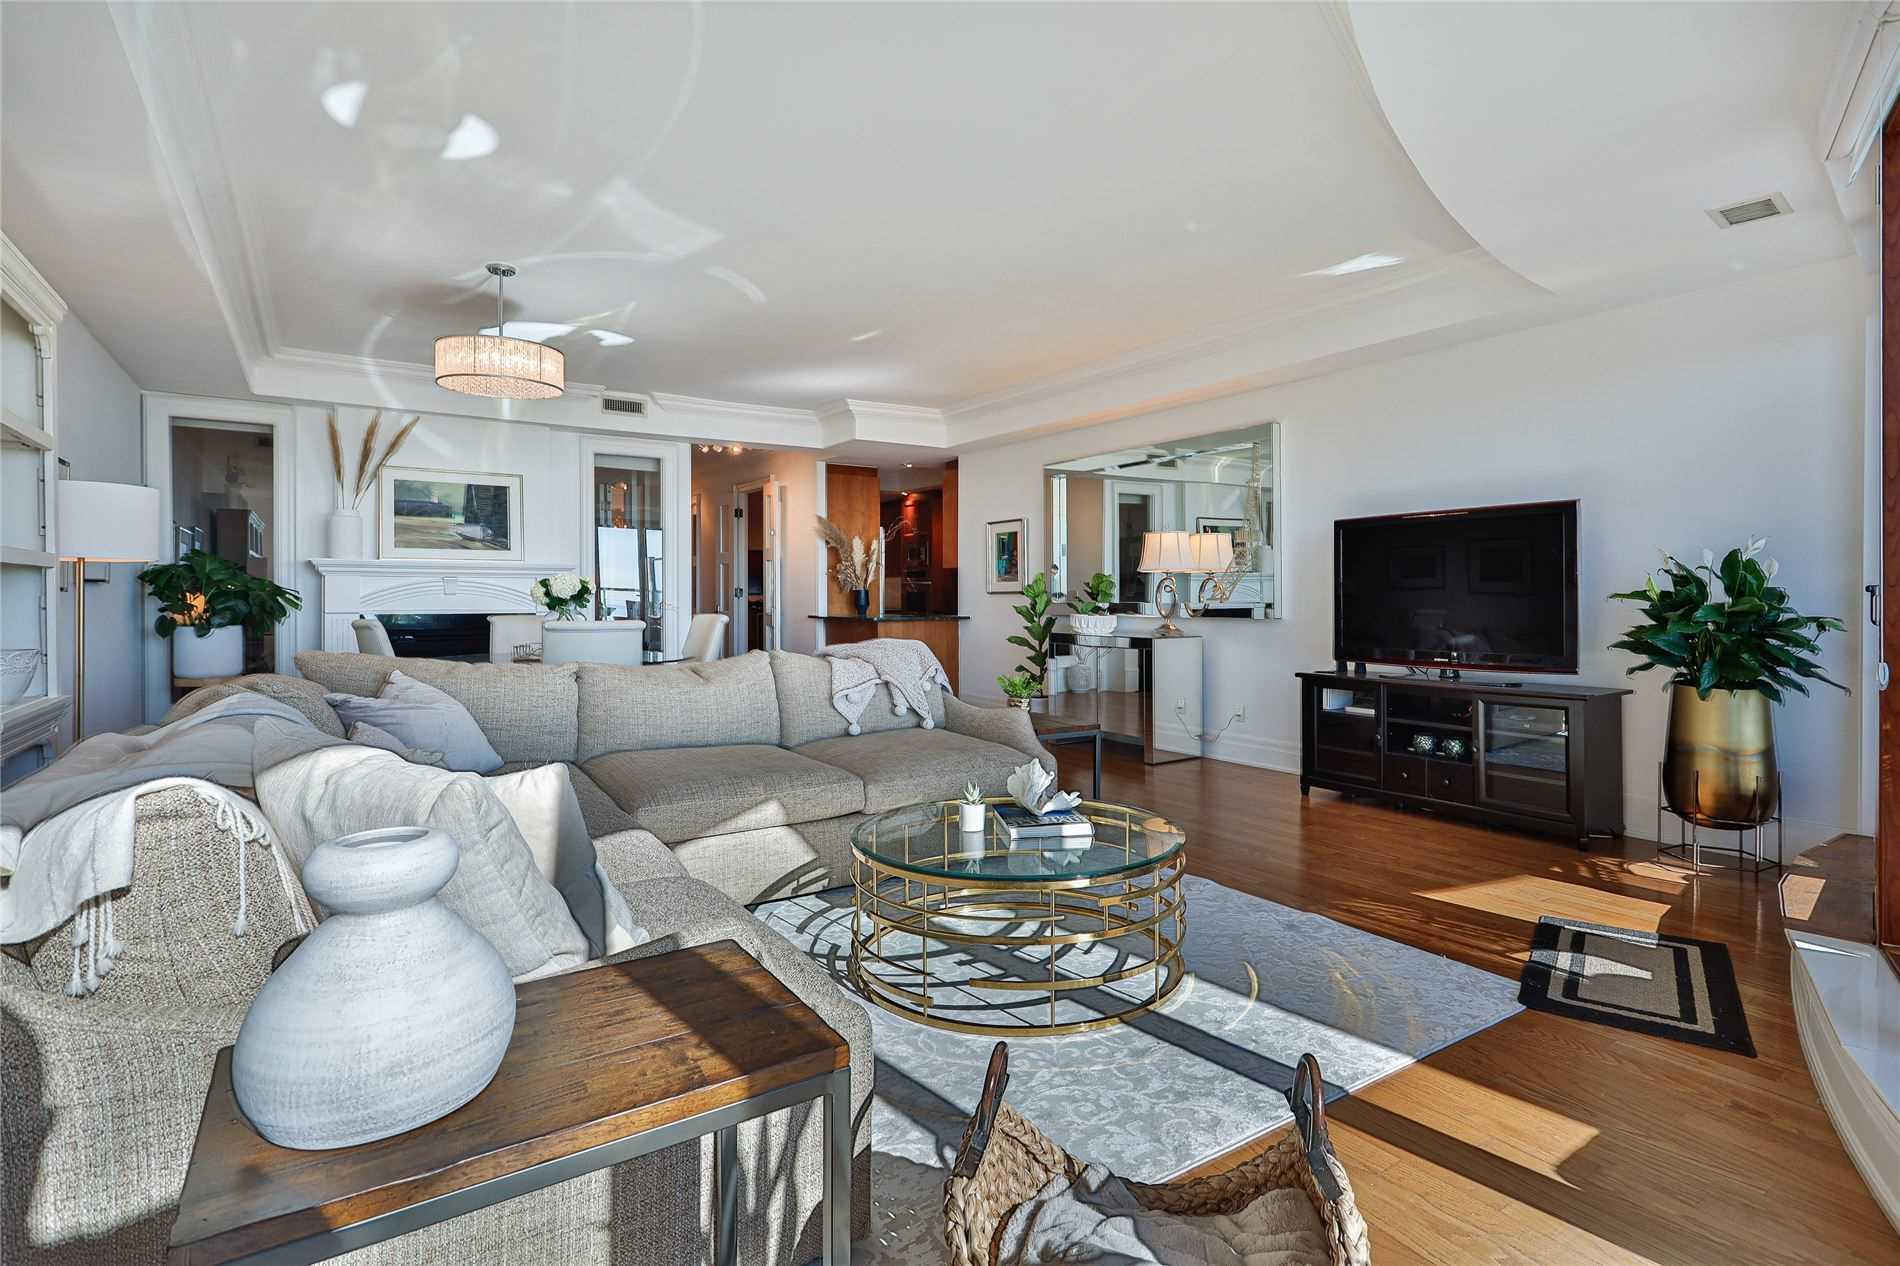 317 - 2095 Lake Shore Blvd W - Mimico Condo Apt for sale, 2 Bedrooms (W5369727) - #1